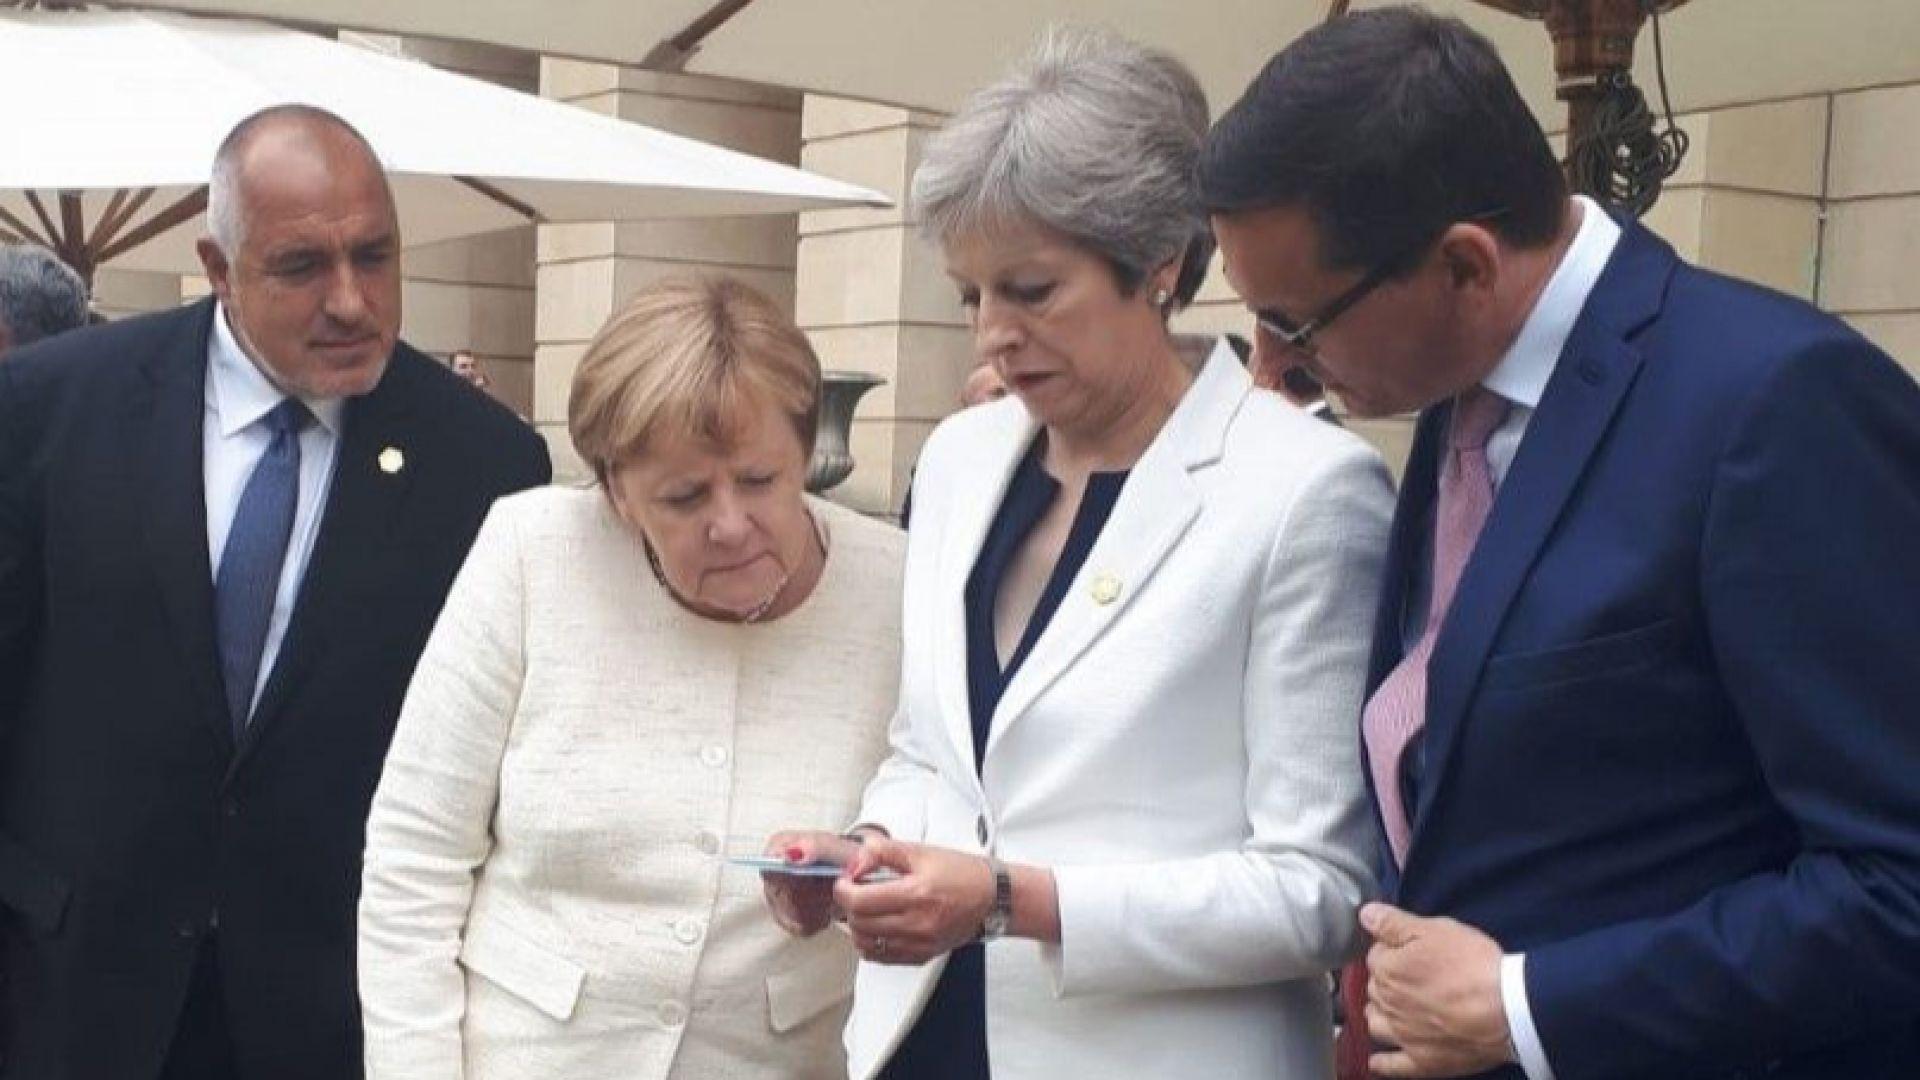 Западните Балкани са хит и в Лондон благодарение на Българското председателство, смята Борисов